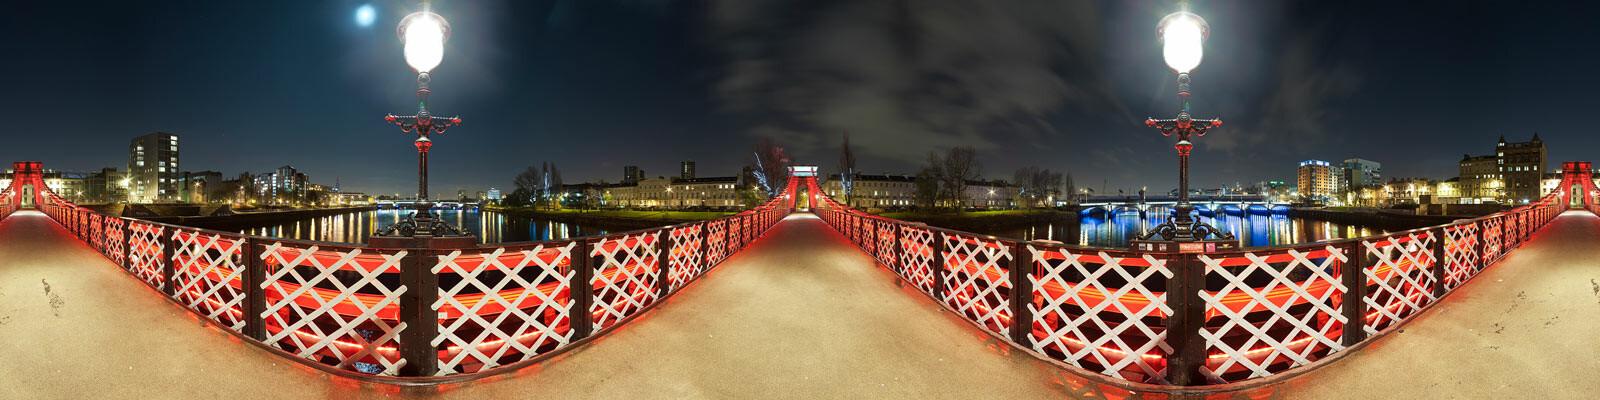 Glasgow, Suspension Bridge - Josh Von Staudach